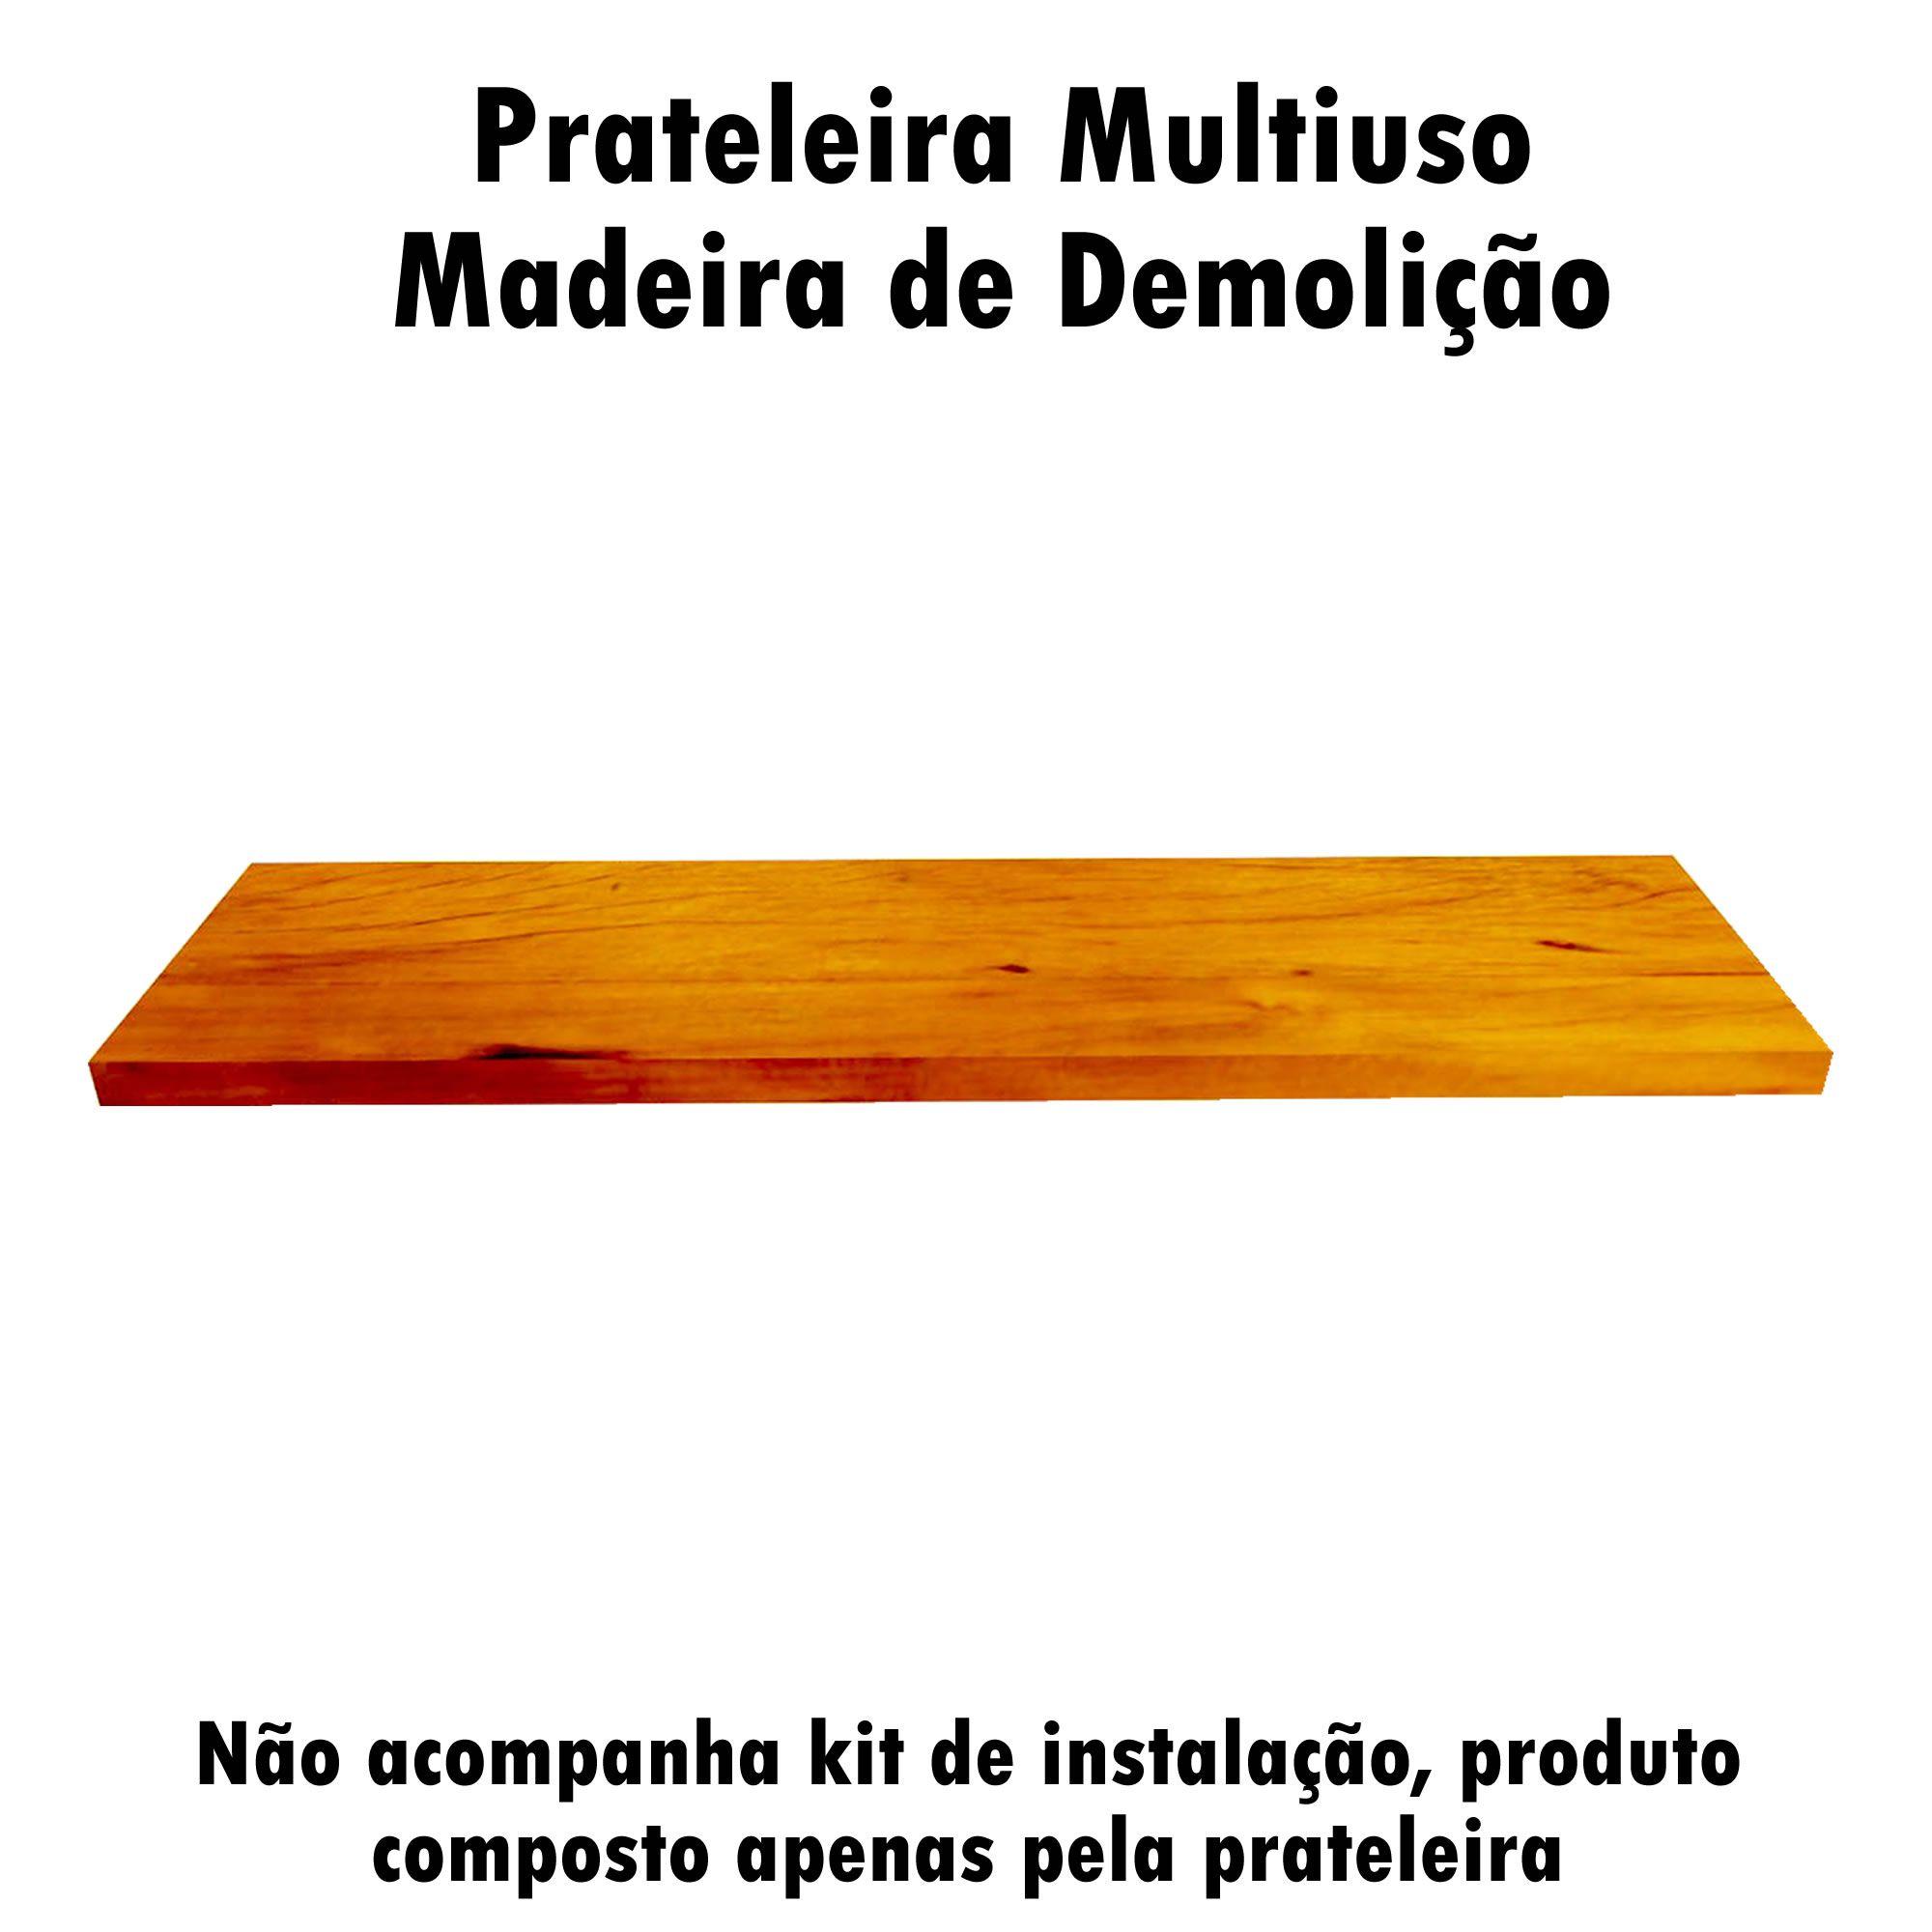 Prateleira Multiuso em Madeira De Demolição medindo 90x19x2